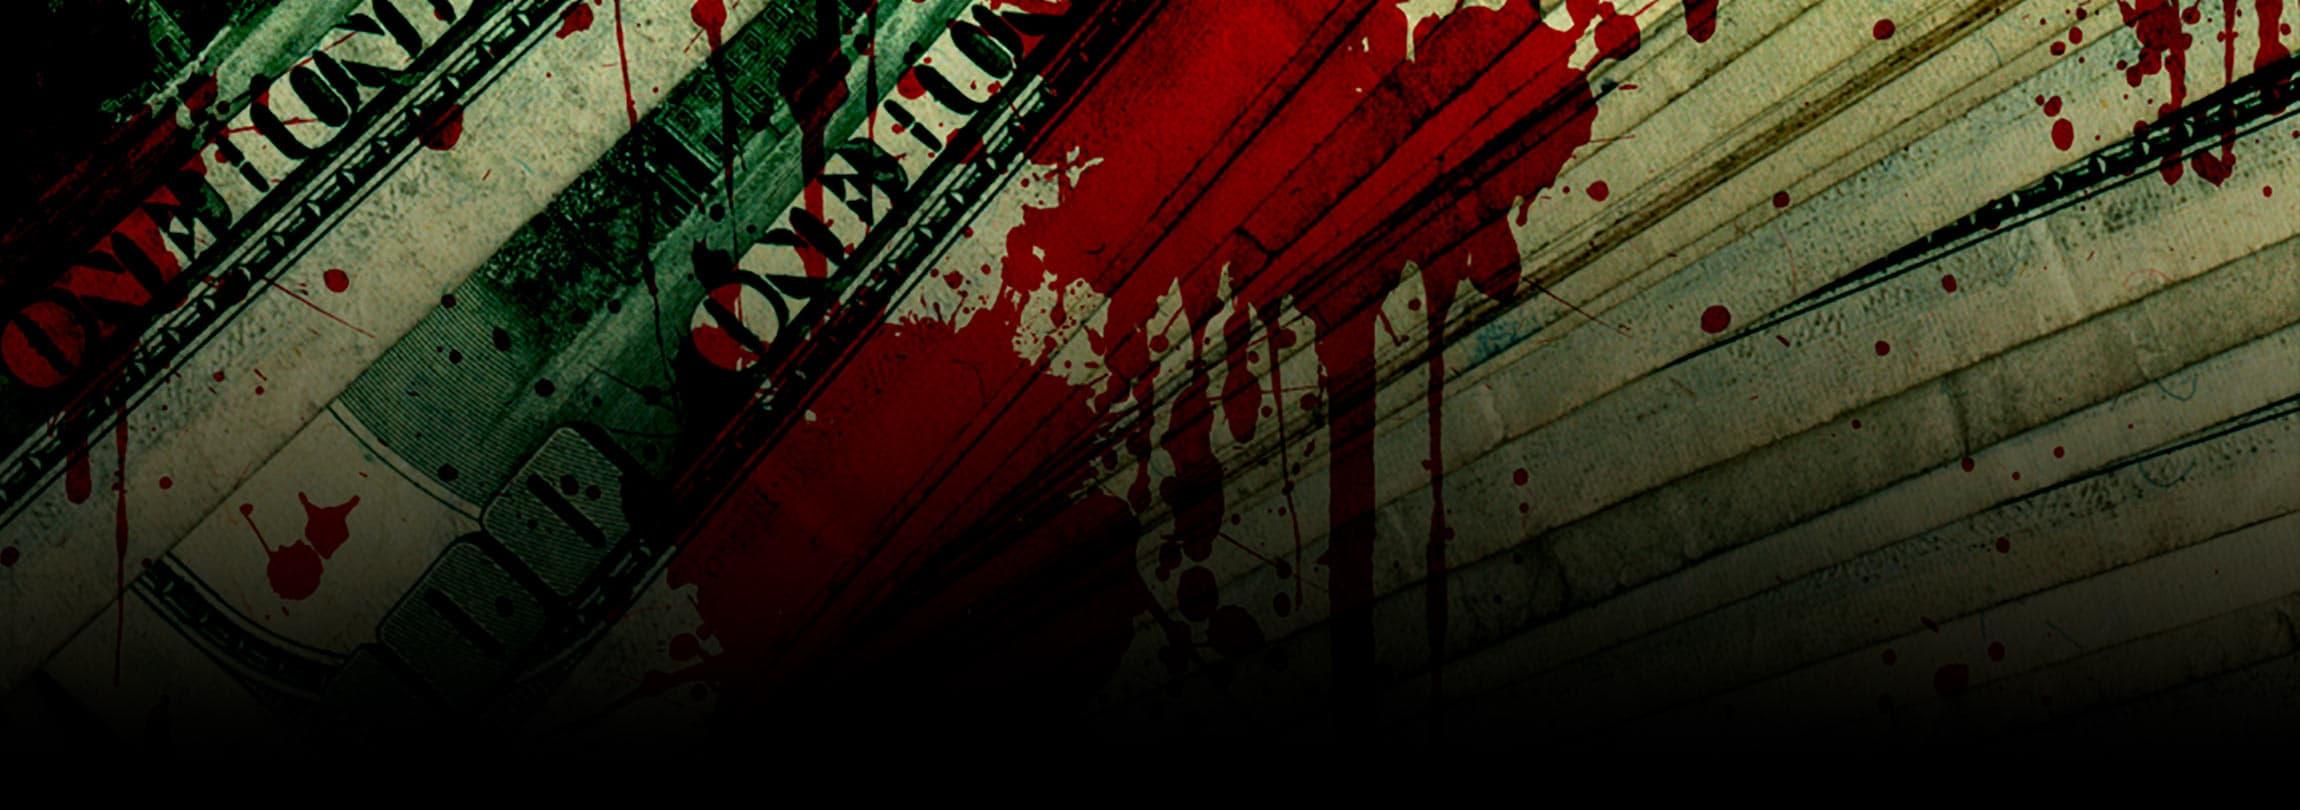 Blood Money - Aborto legalizado chega aos cinemas do Brasil